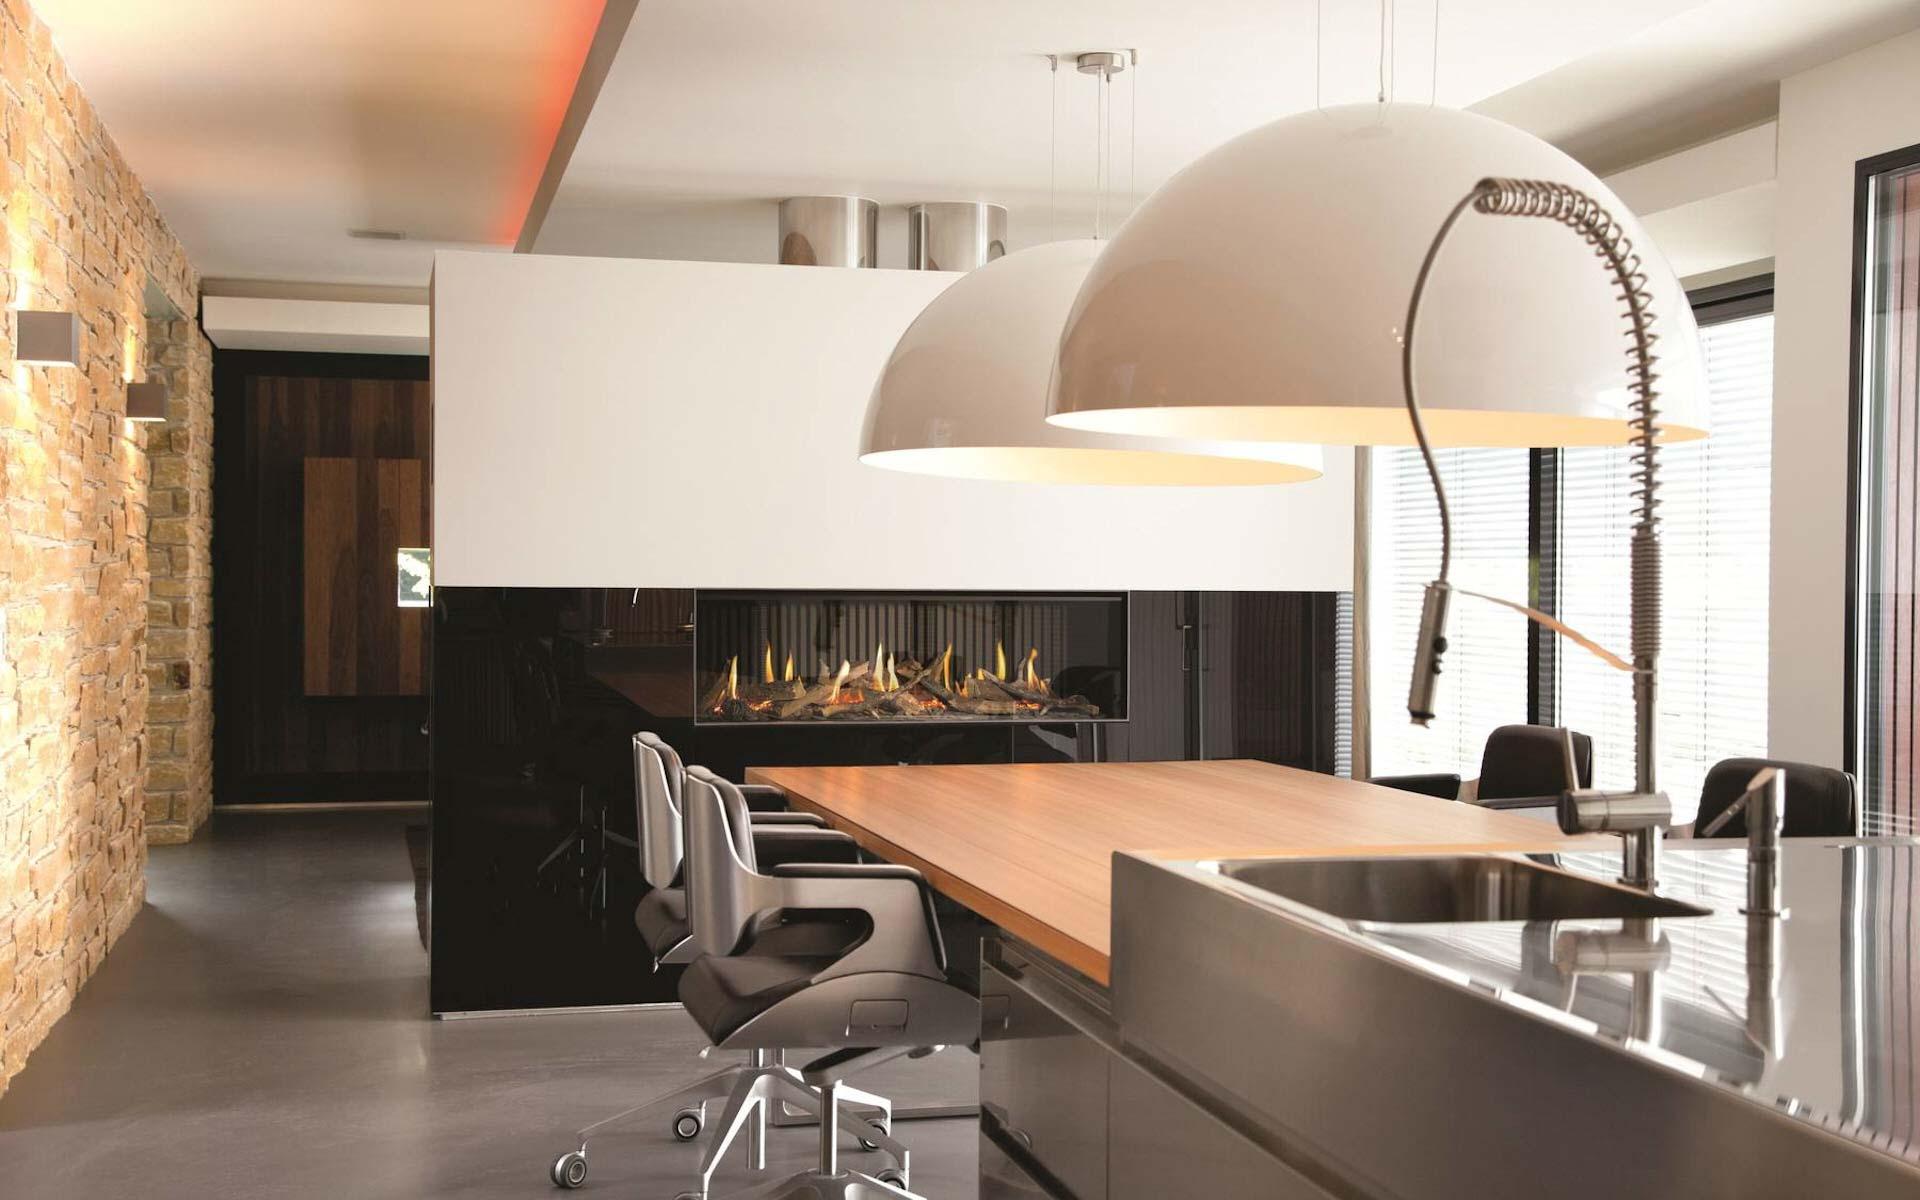 Een haard in de keuken  interieurinspiratie  UWkeukennl